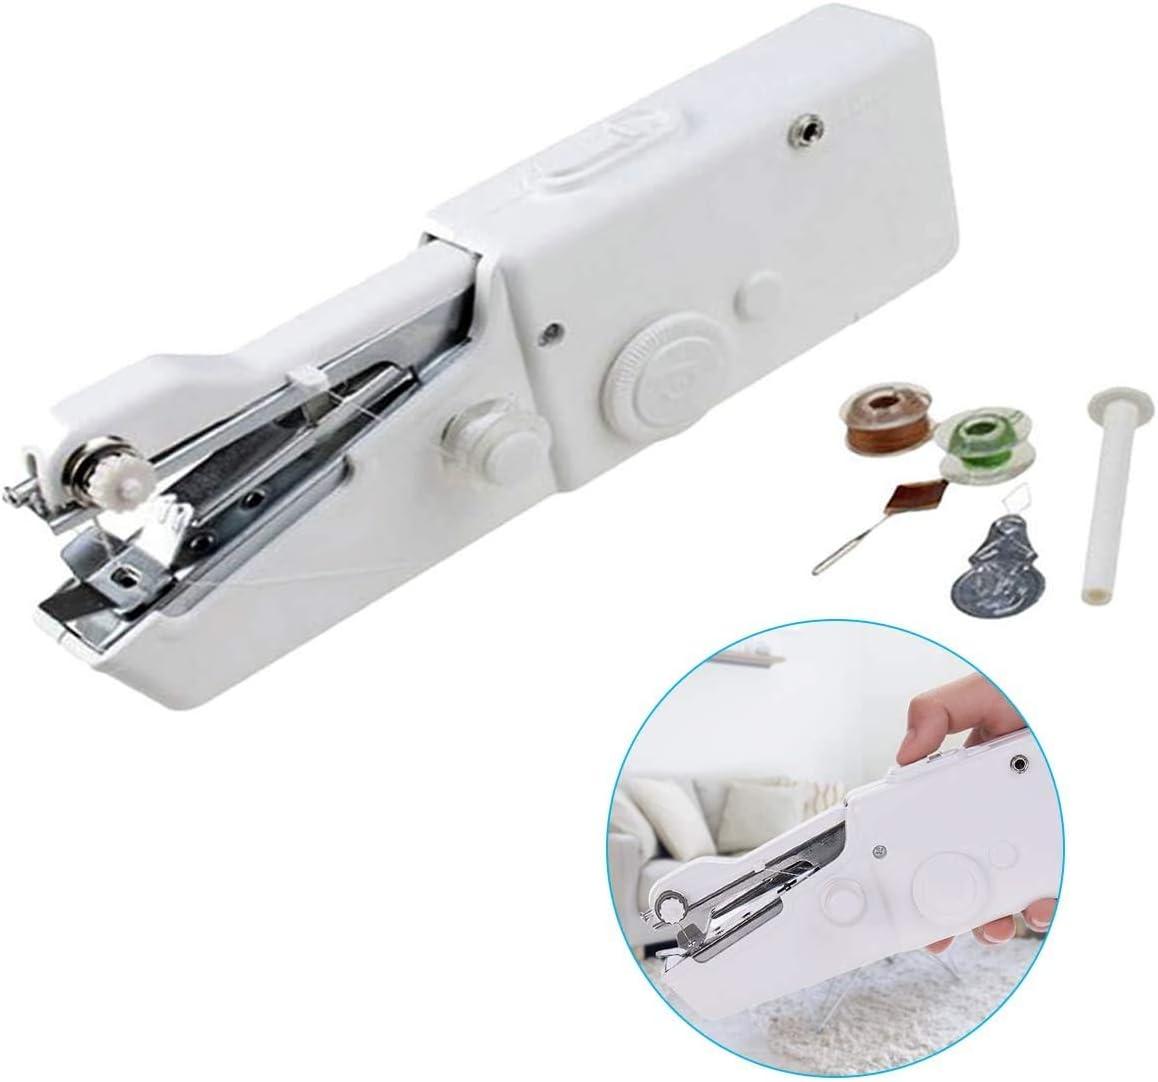 ZGL Mini máquina de coser portátil de mano, fácil de usar, puede reparar rápidamente la ropa, utilizada para varias telas